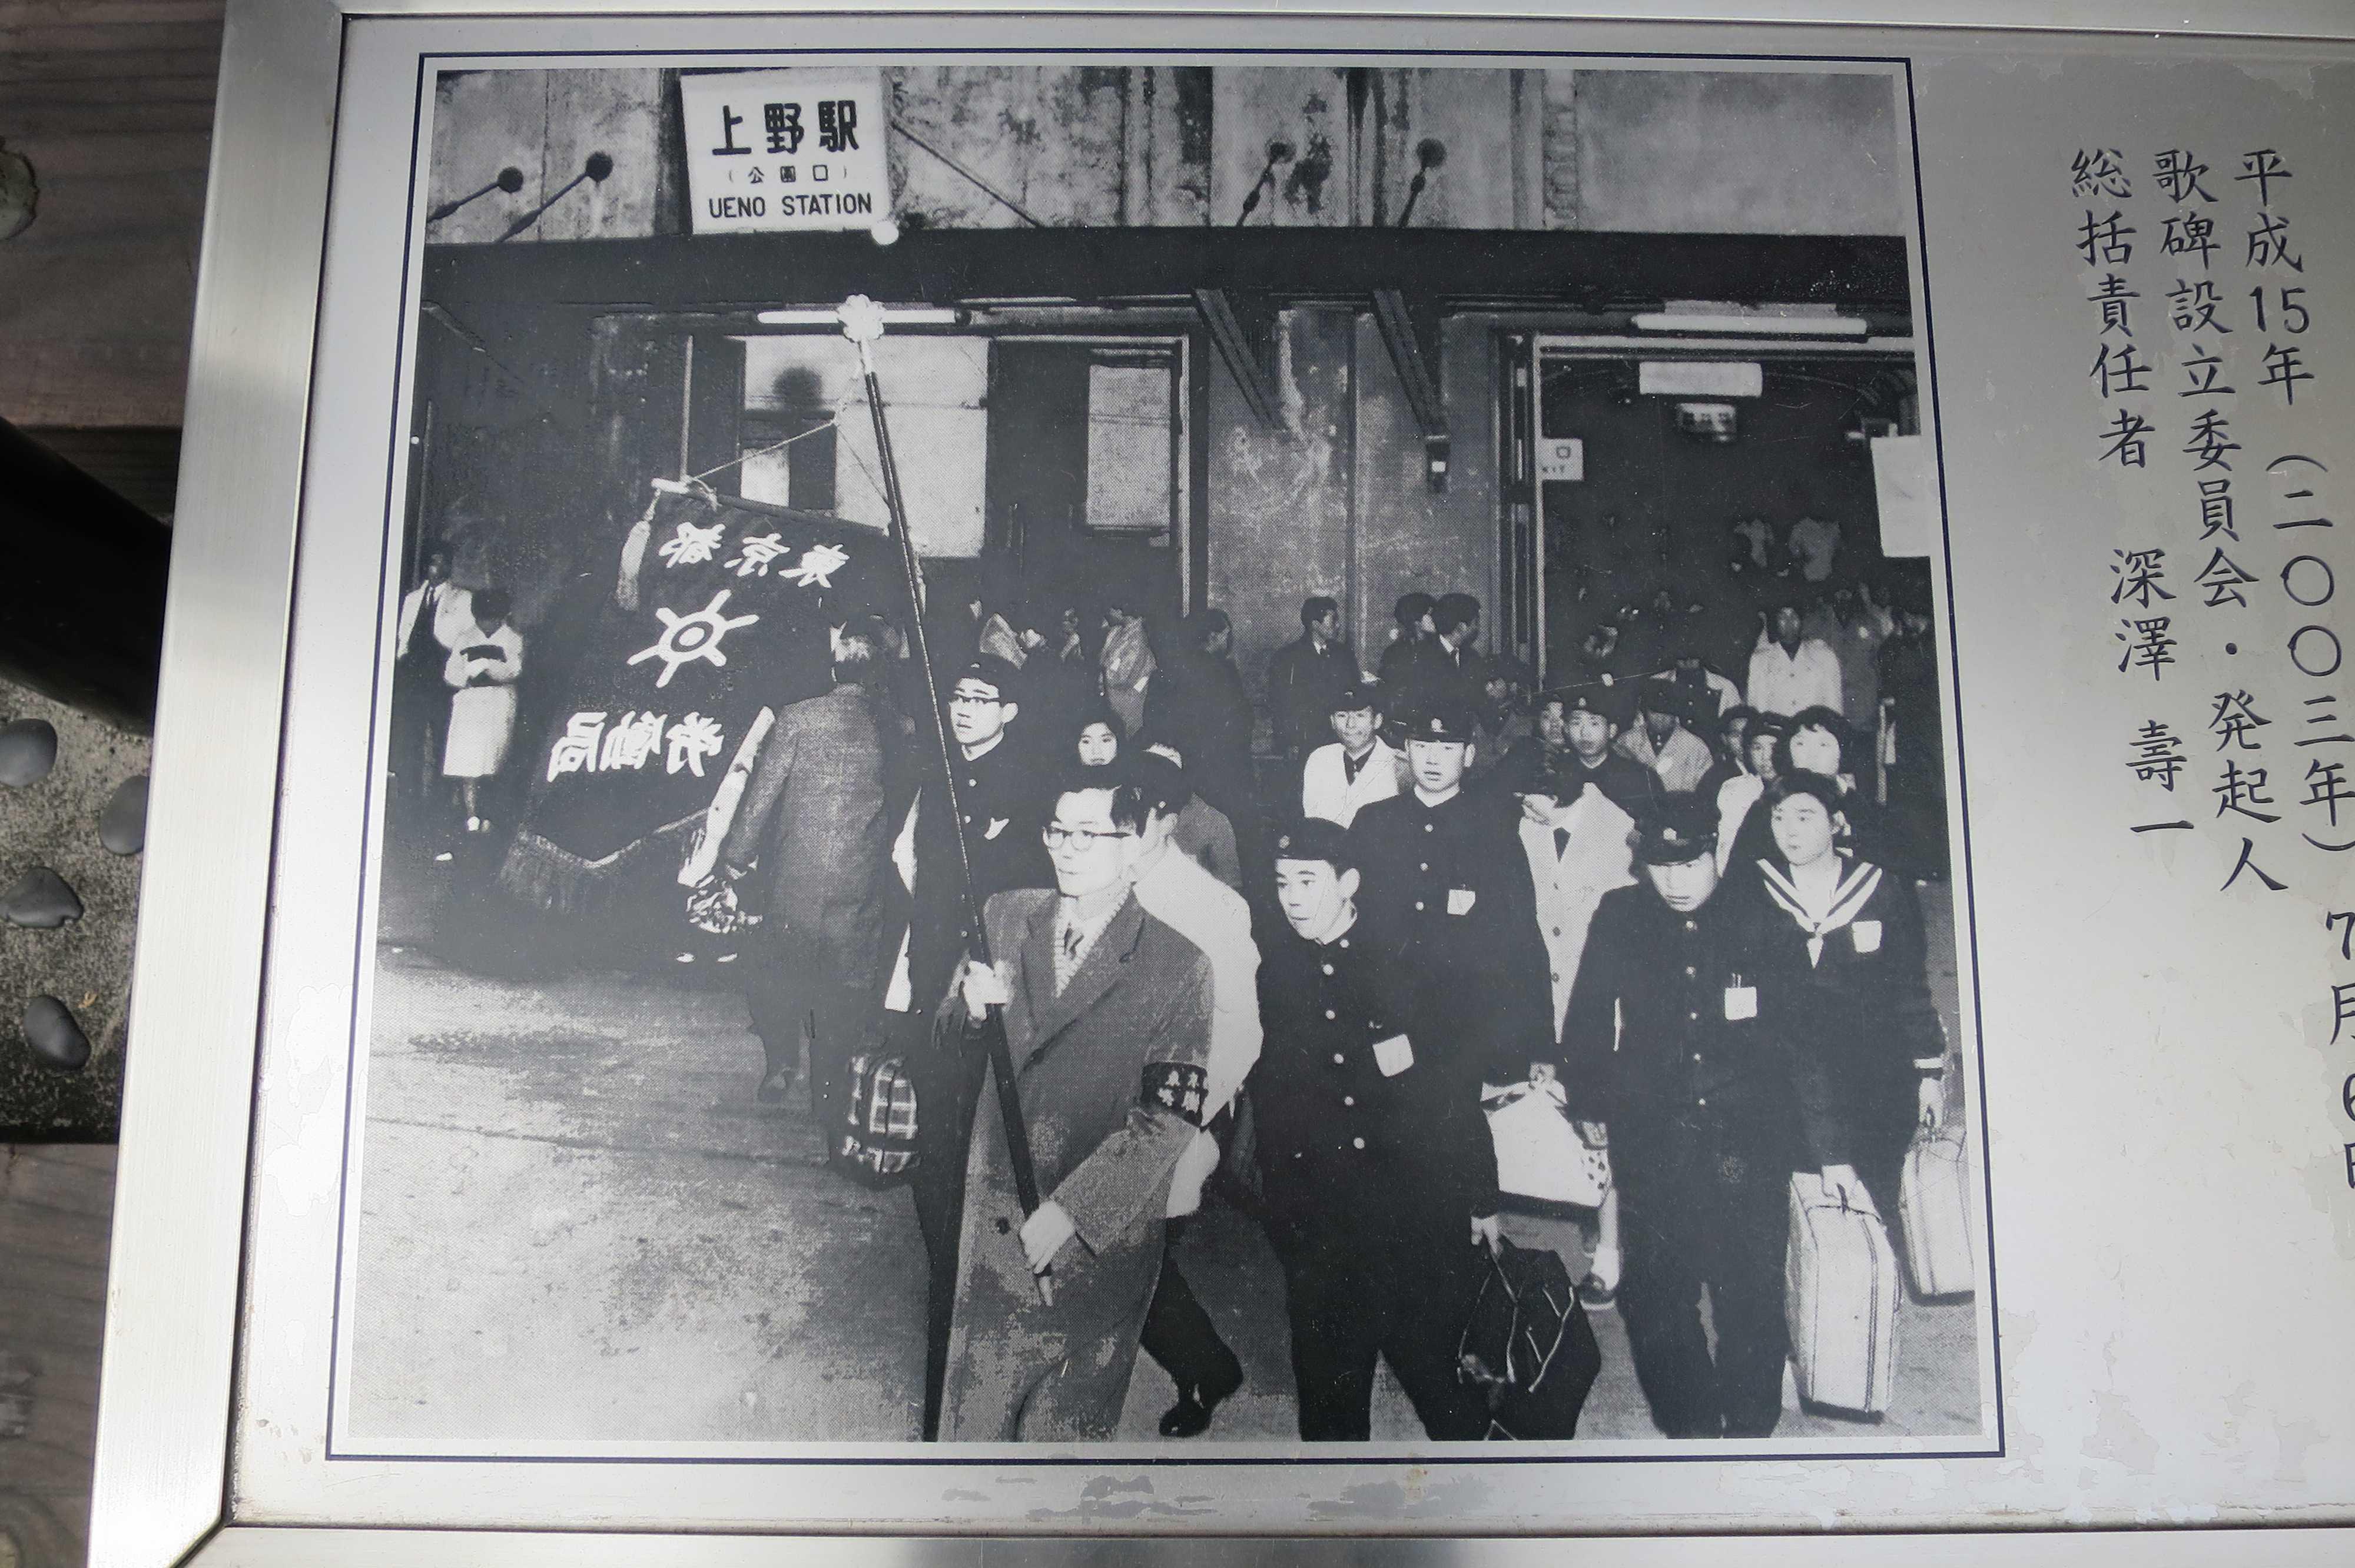 上野駅に降り立つ金の卵(集団就職者たち)